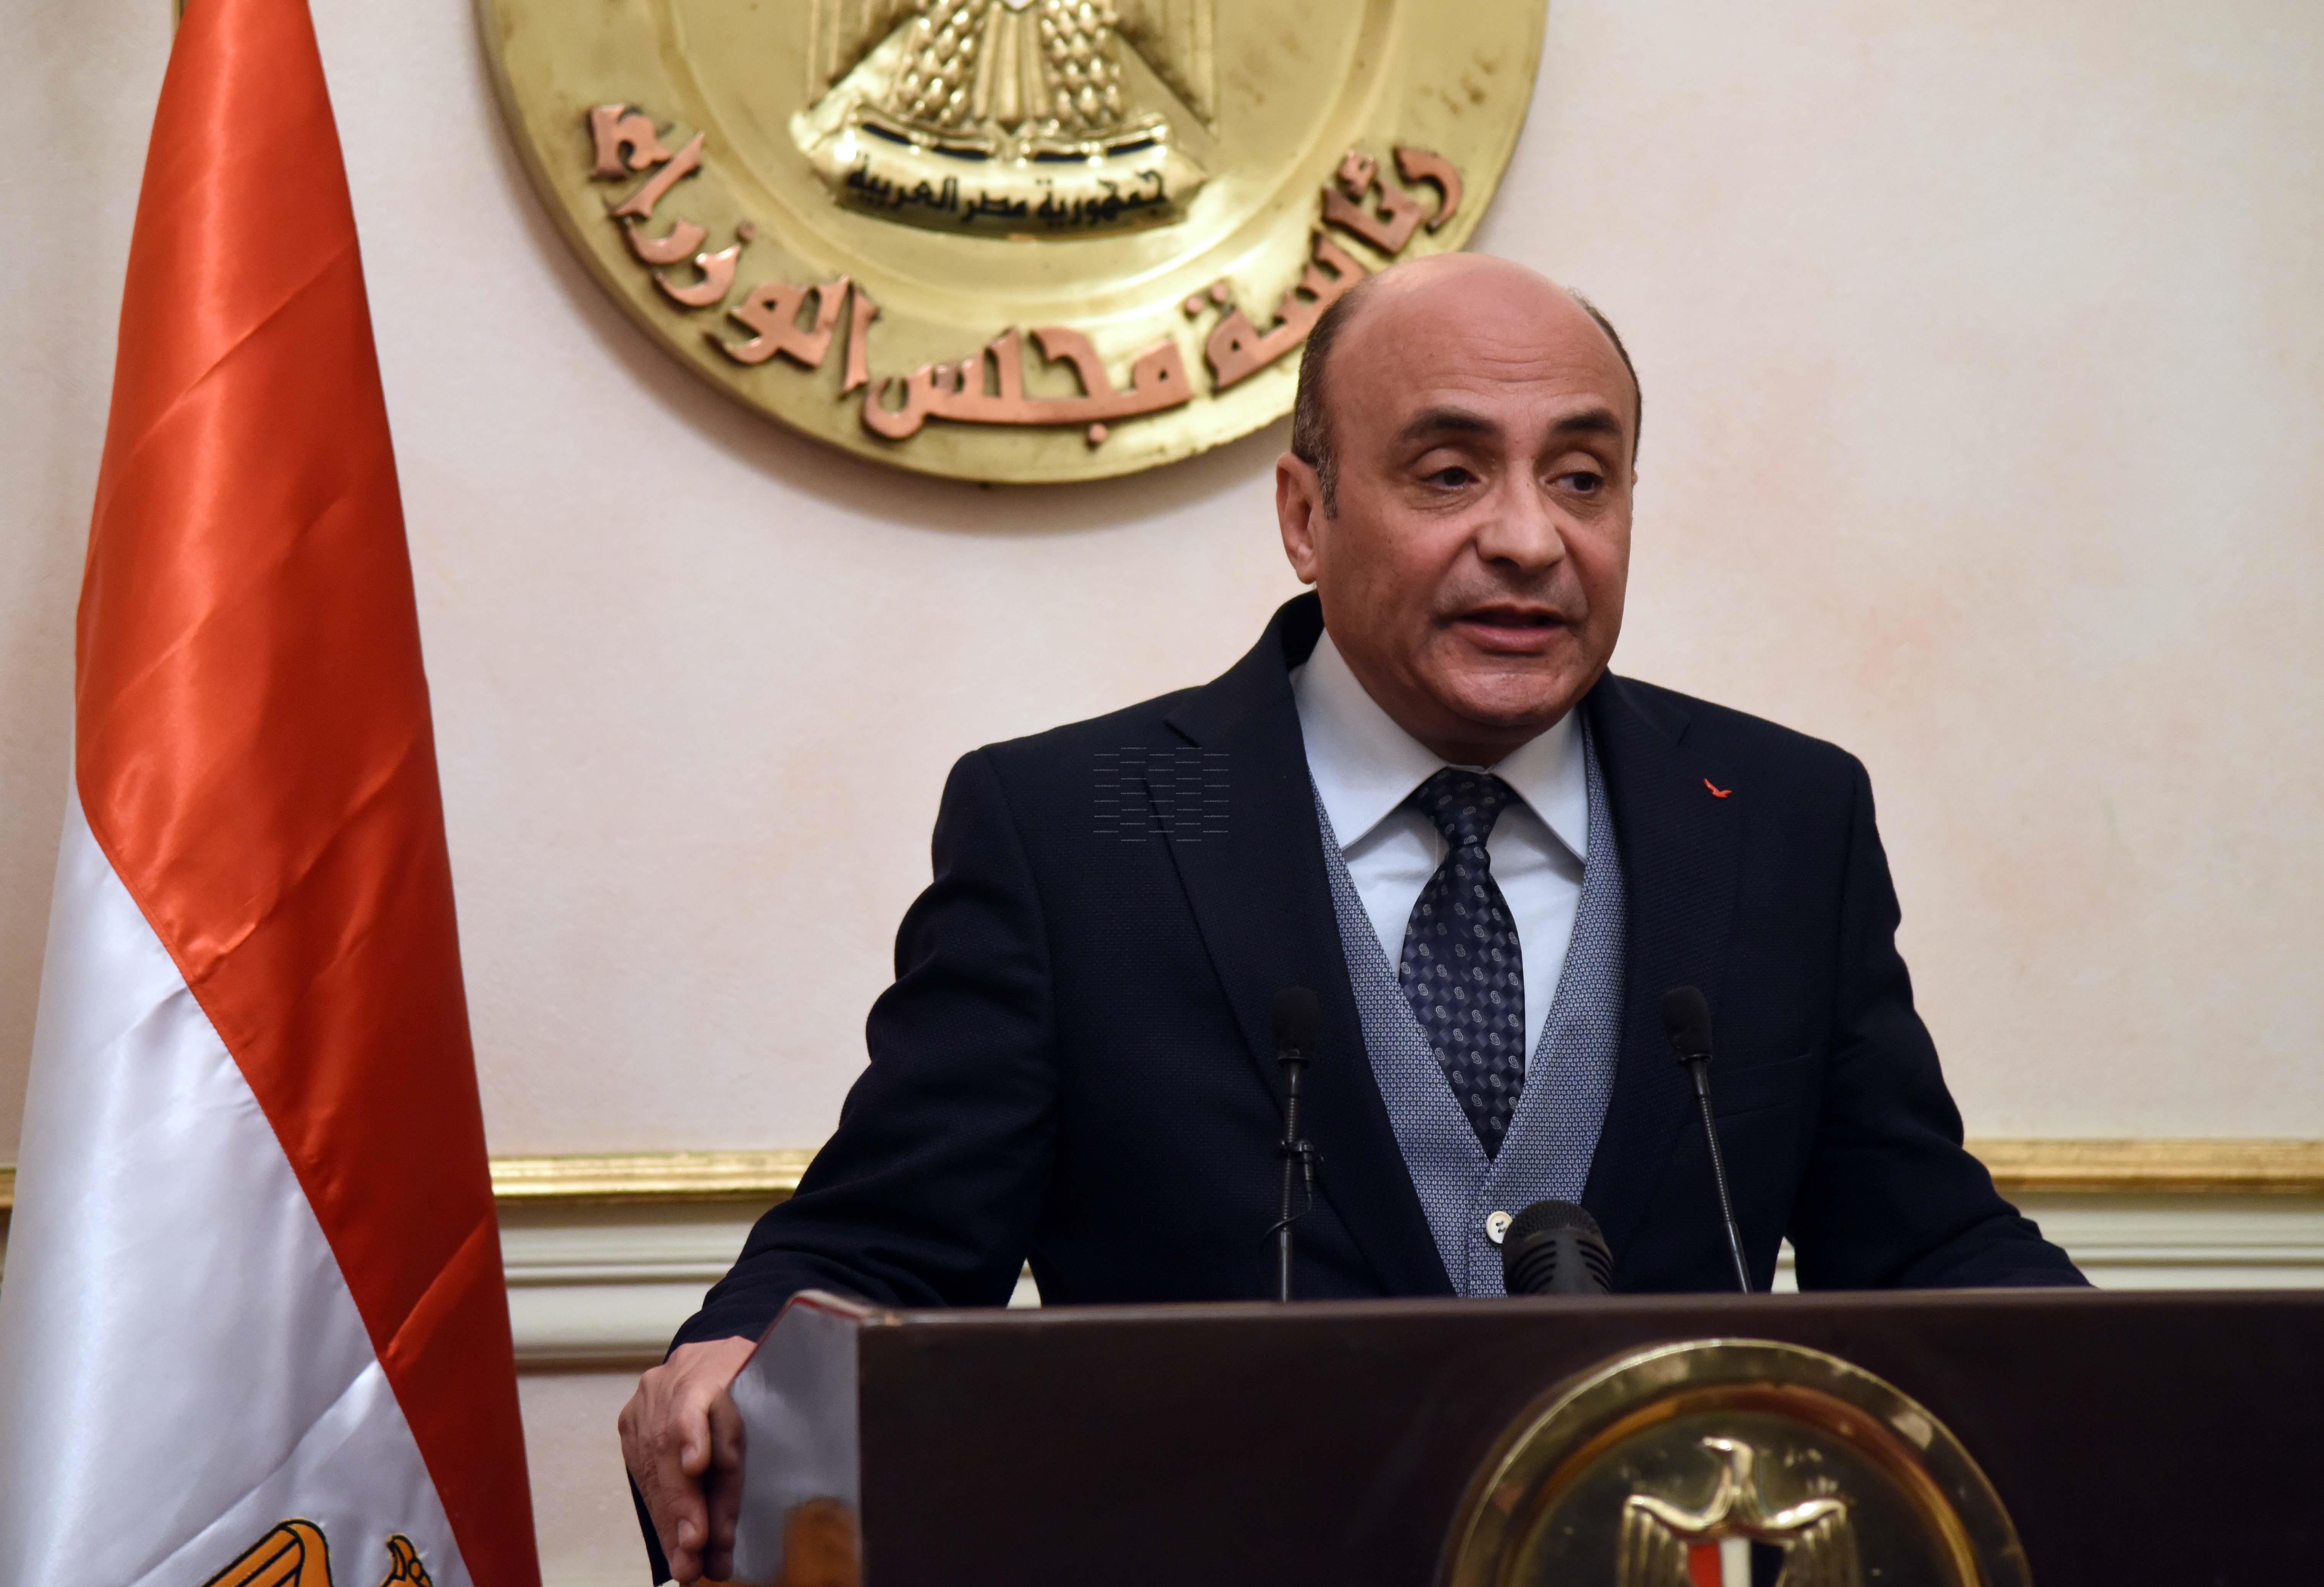 وزير شئون البرلمان : قرار من مجلس الوزراء بتسوية القضايا بين أجهزة الدولة وديا